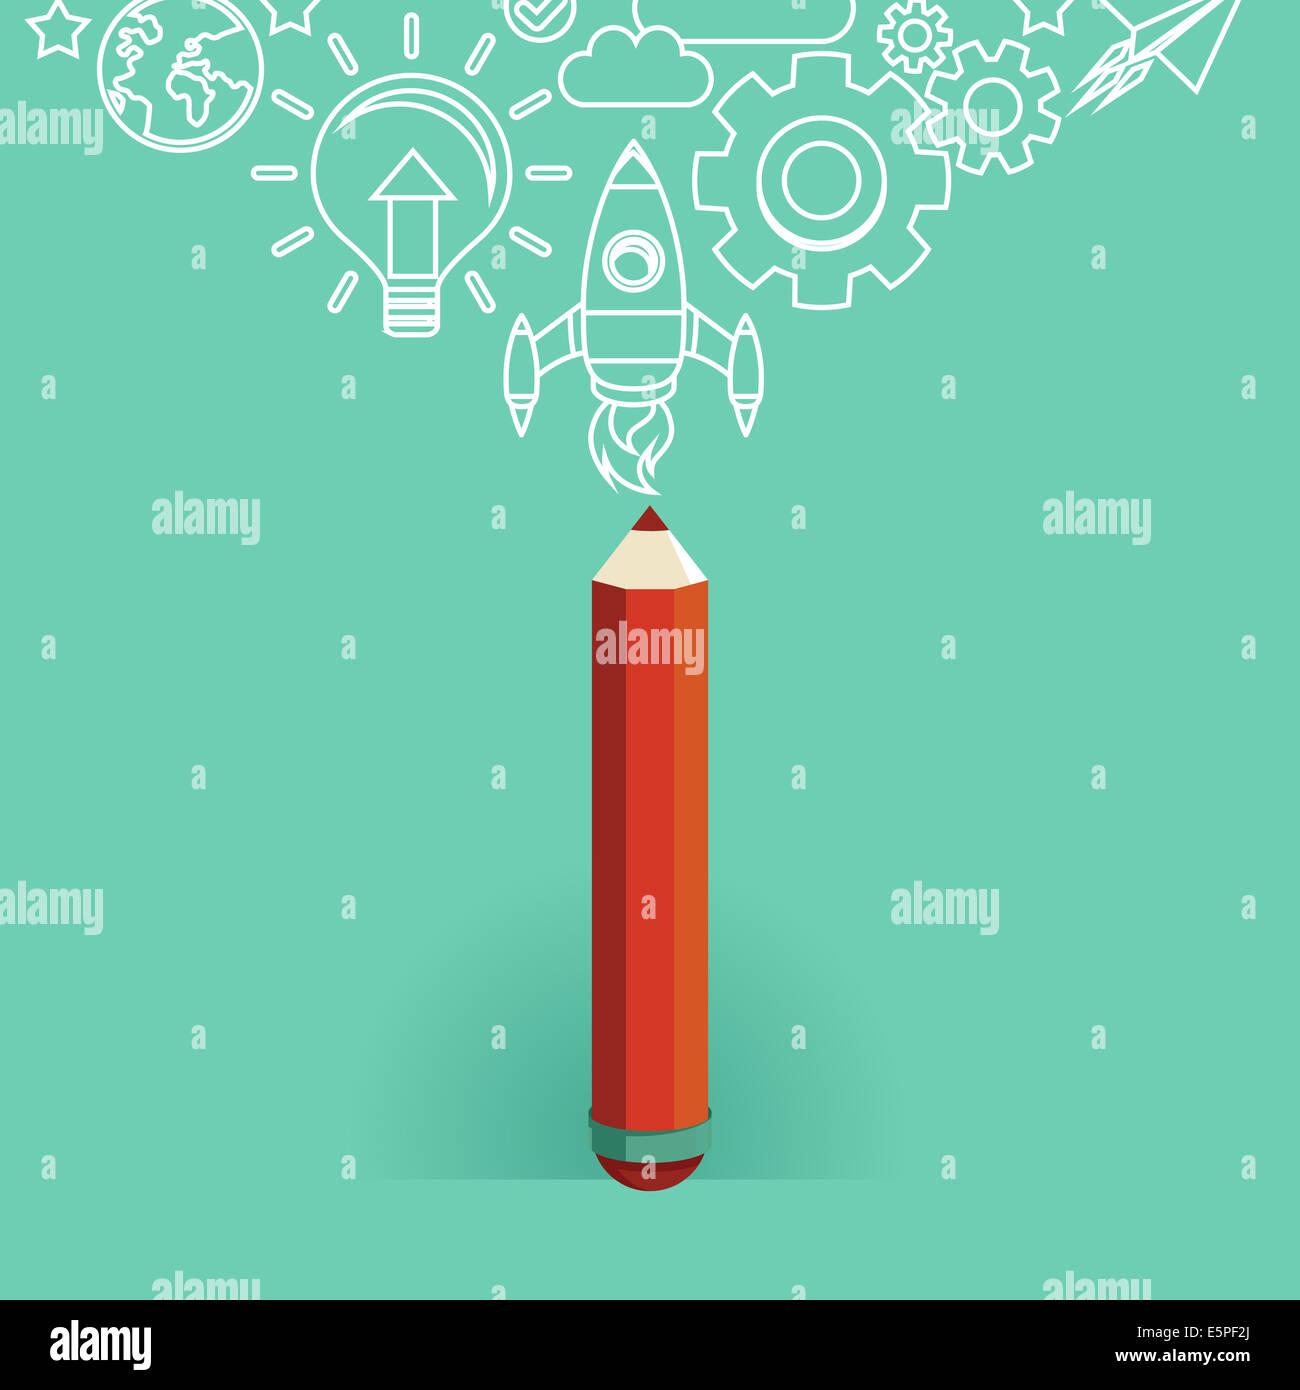 Graphic design concept - le icone in stile piatto - avvio Immagini Stock